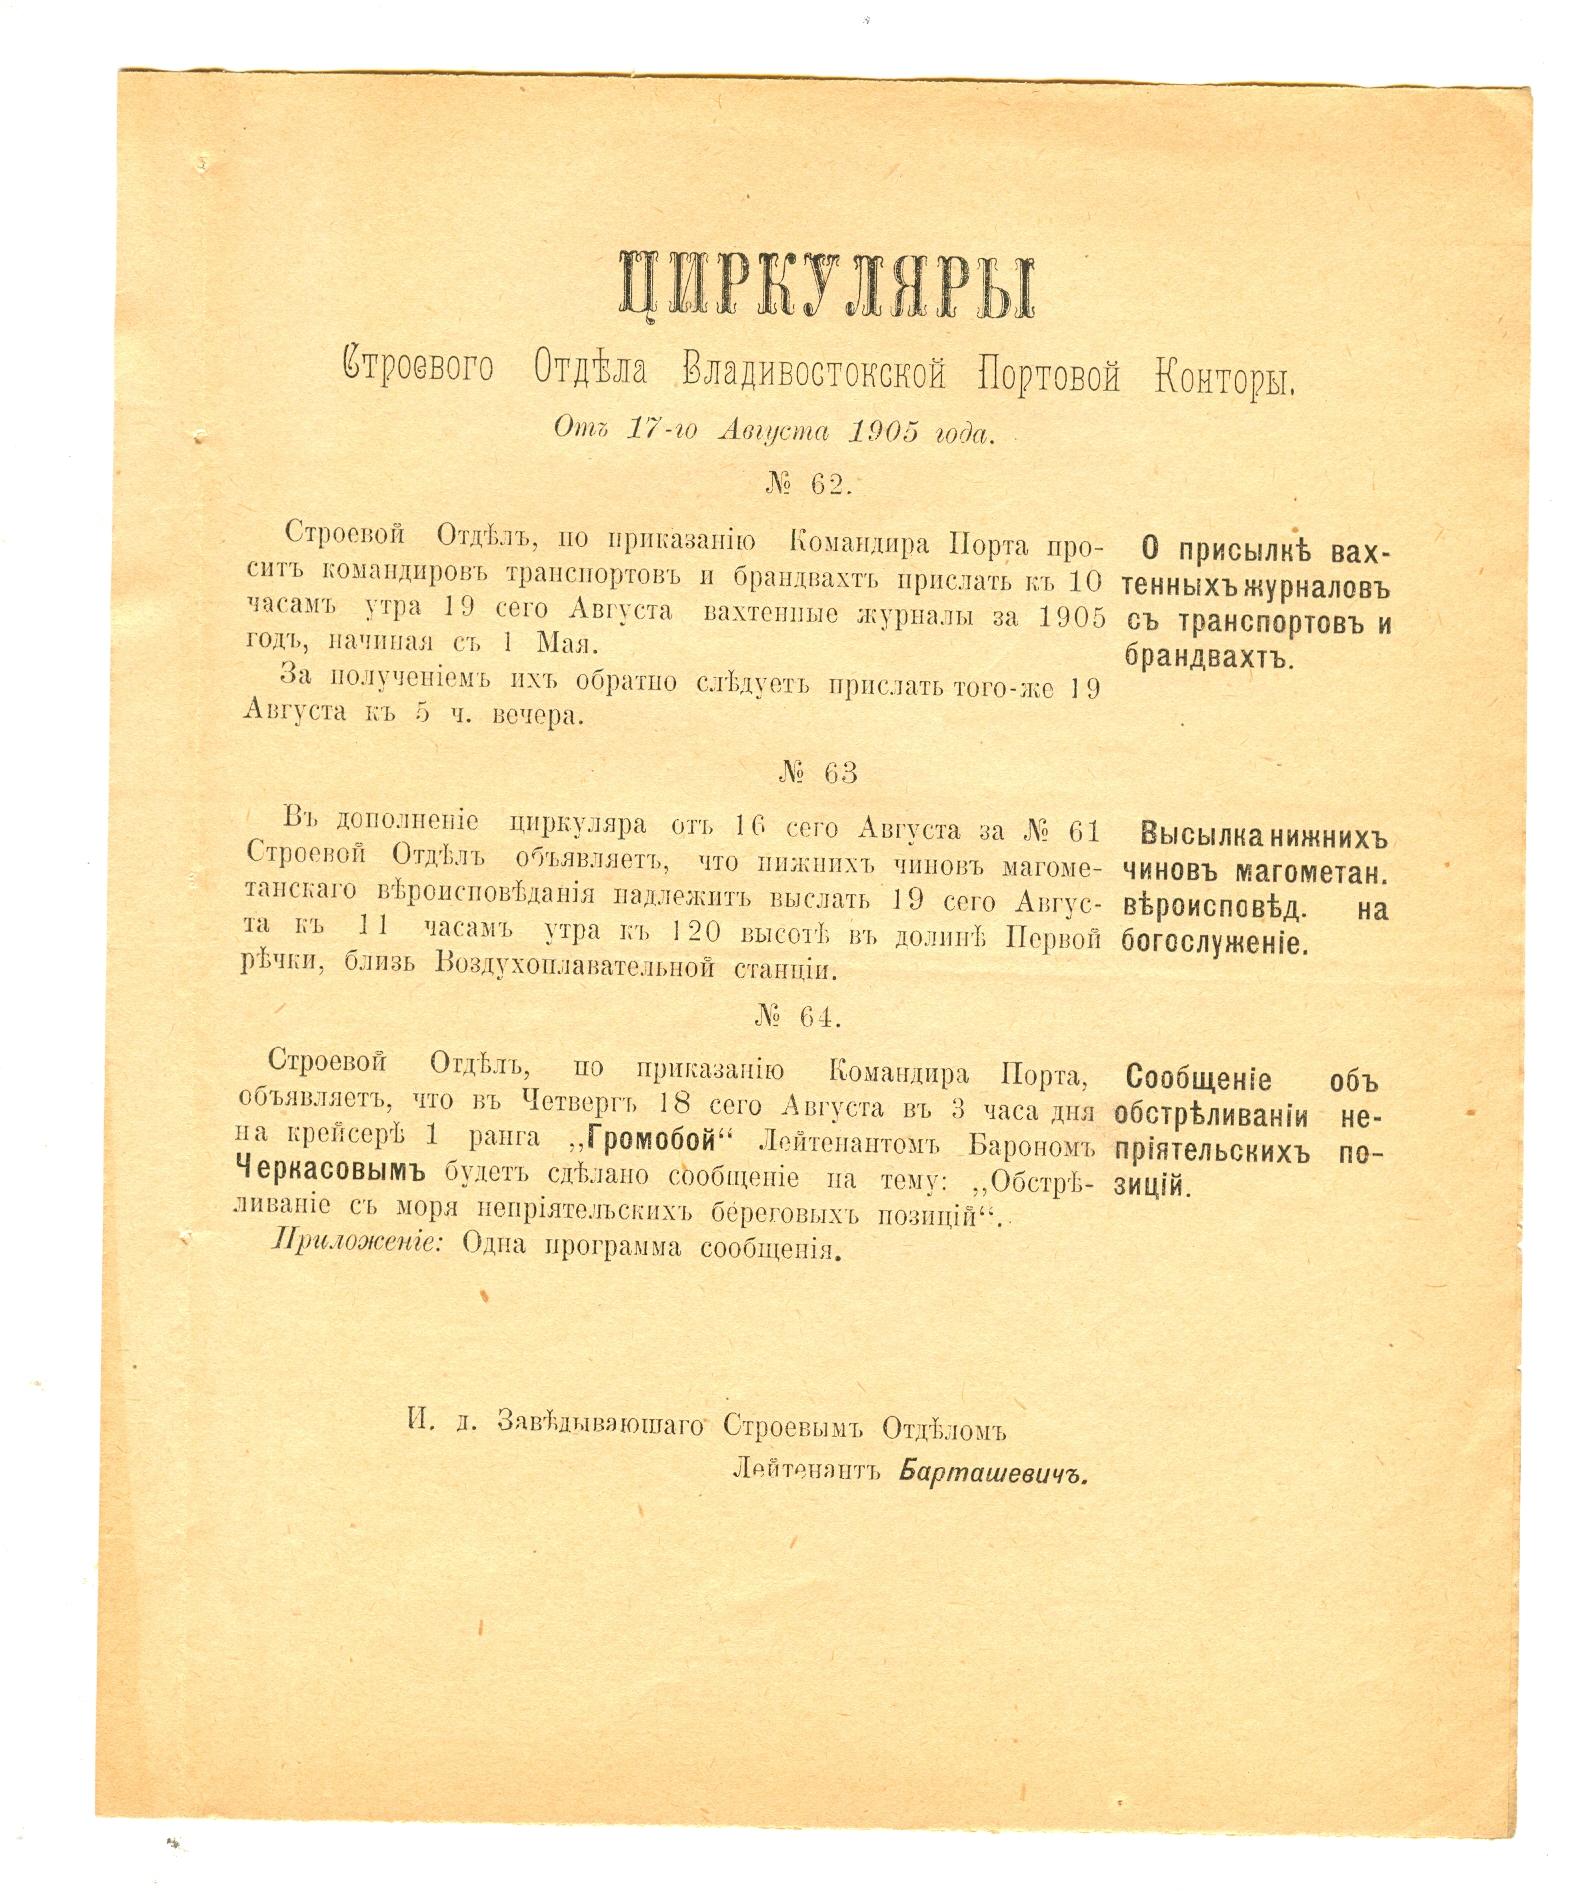 От 17-го Августа 1905 года.